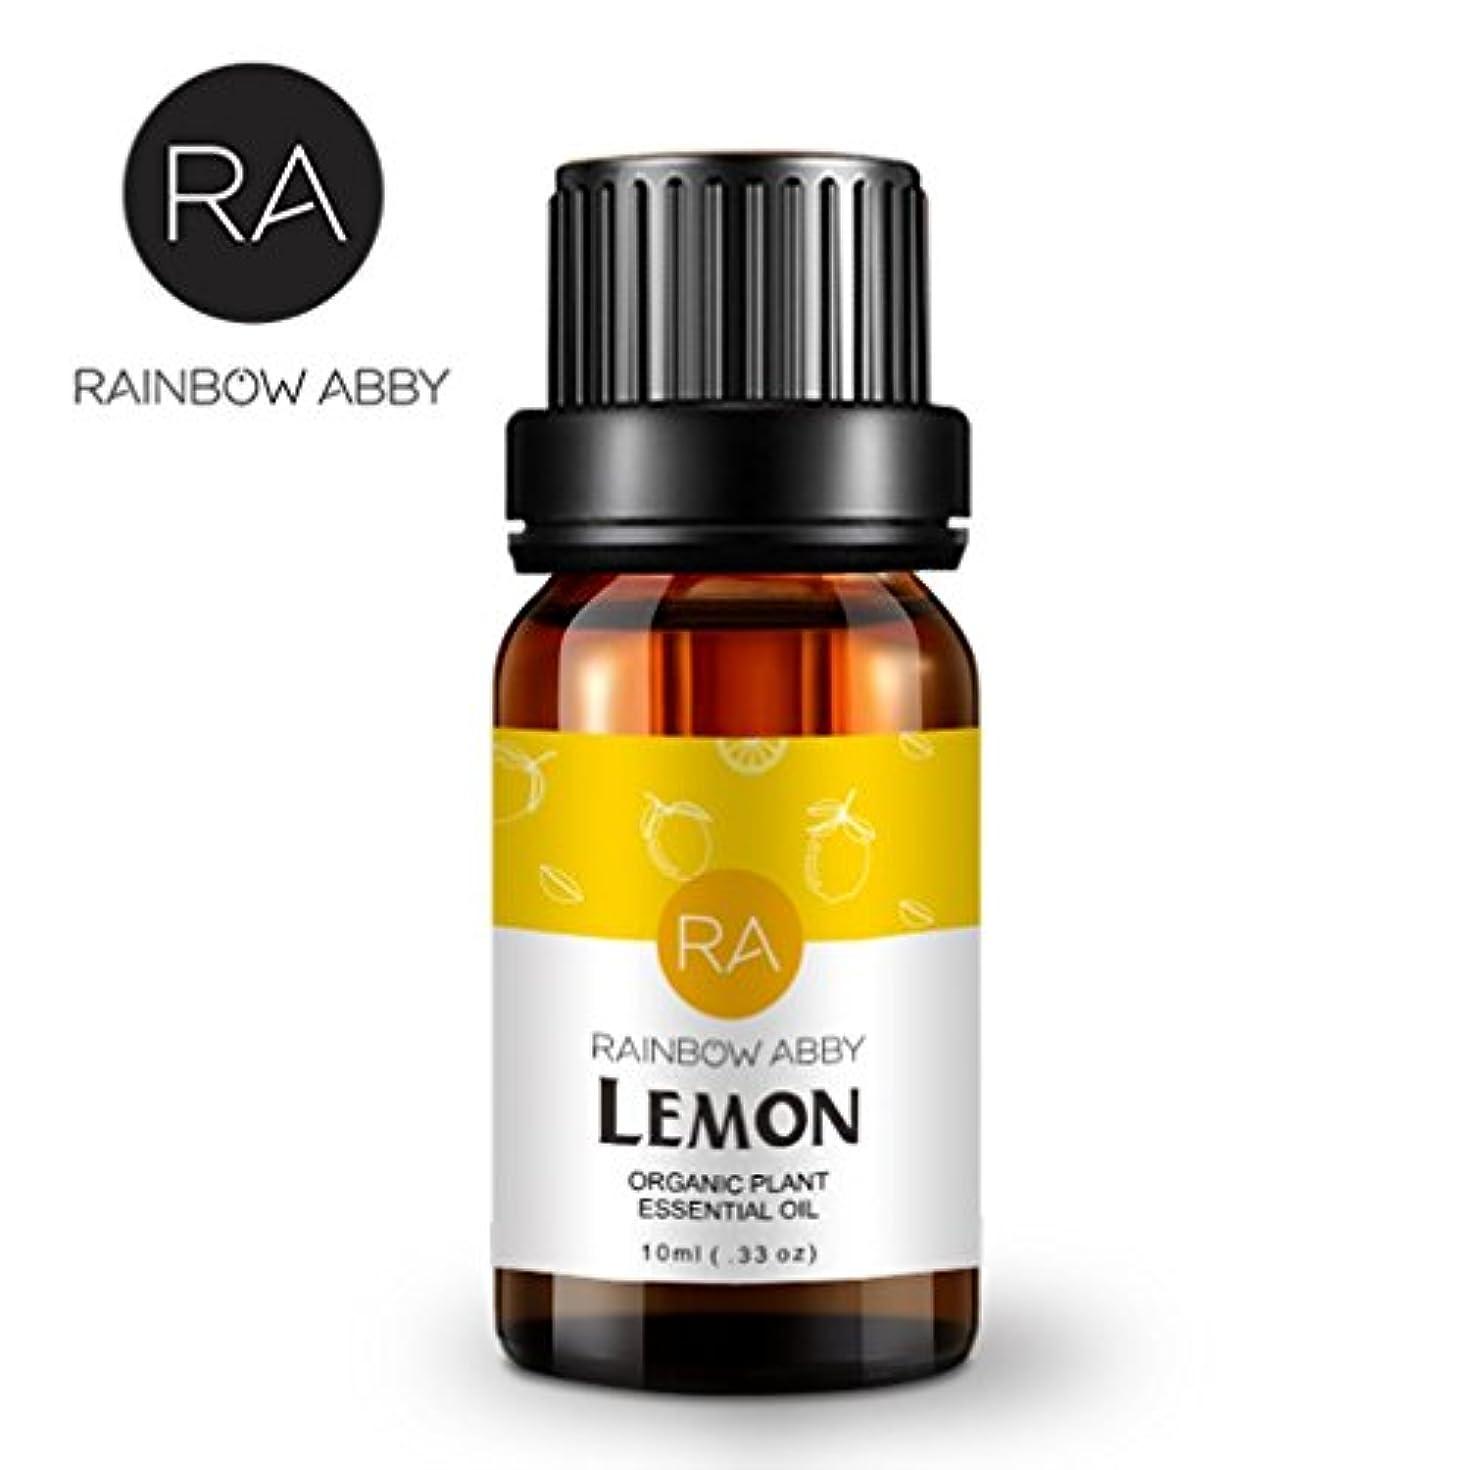 ほとんどの場合ディレクトリ空中RAINBOW ABBY 精油 アロマテラピー ナウ ピュア 有機 精油 セット ディフューザー用 レモン